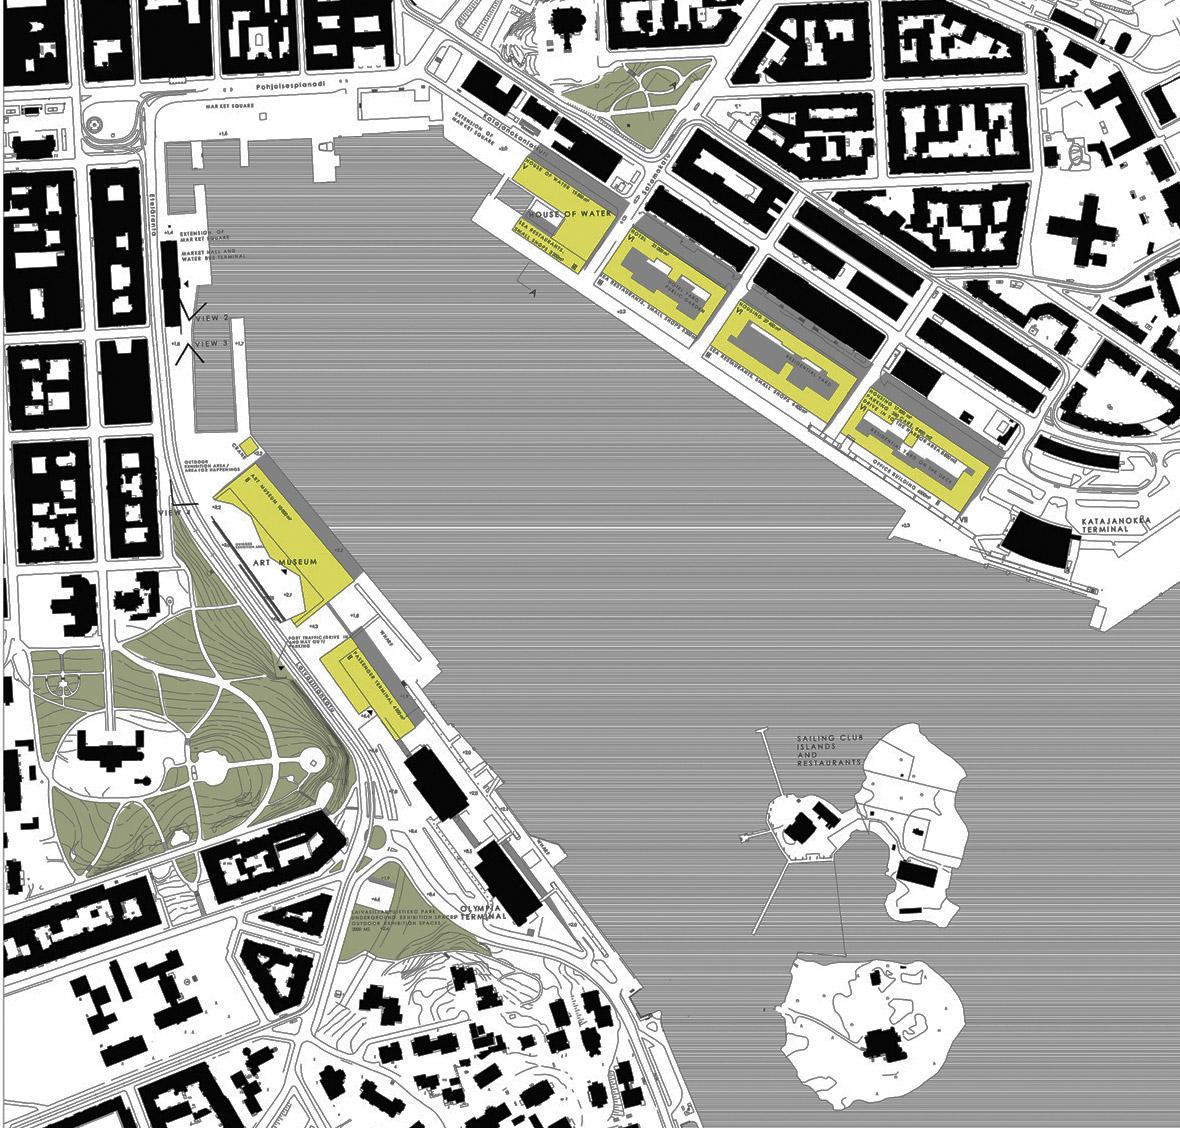 Helsinki / Kauppatori, Eteläranta, Katajanokanlaituri